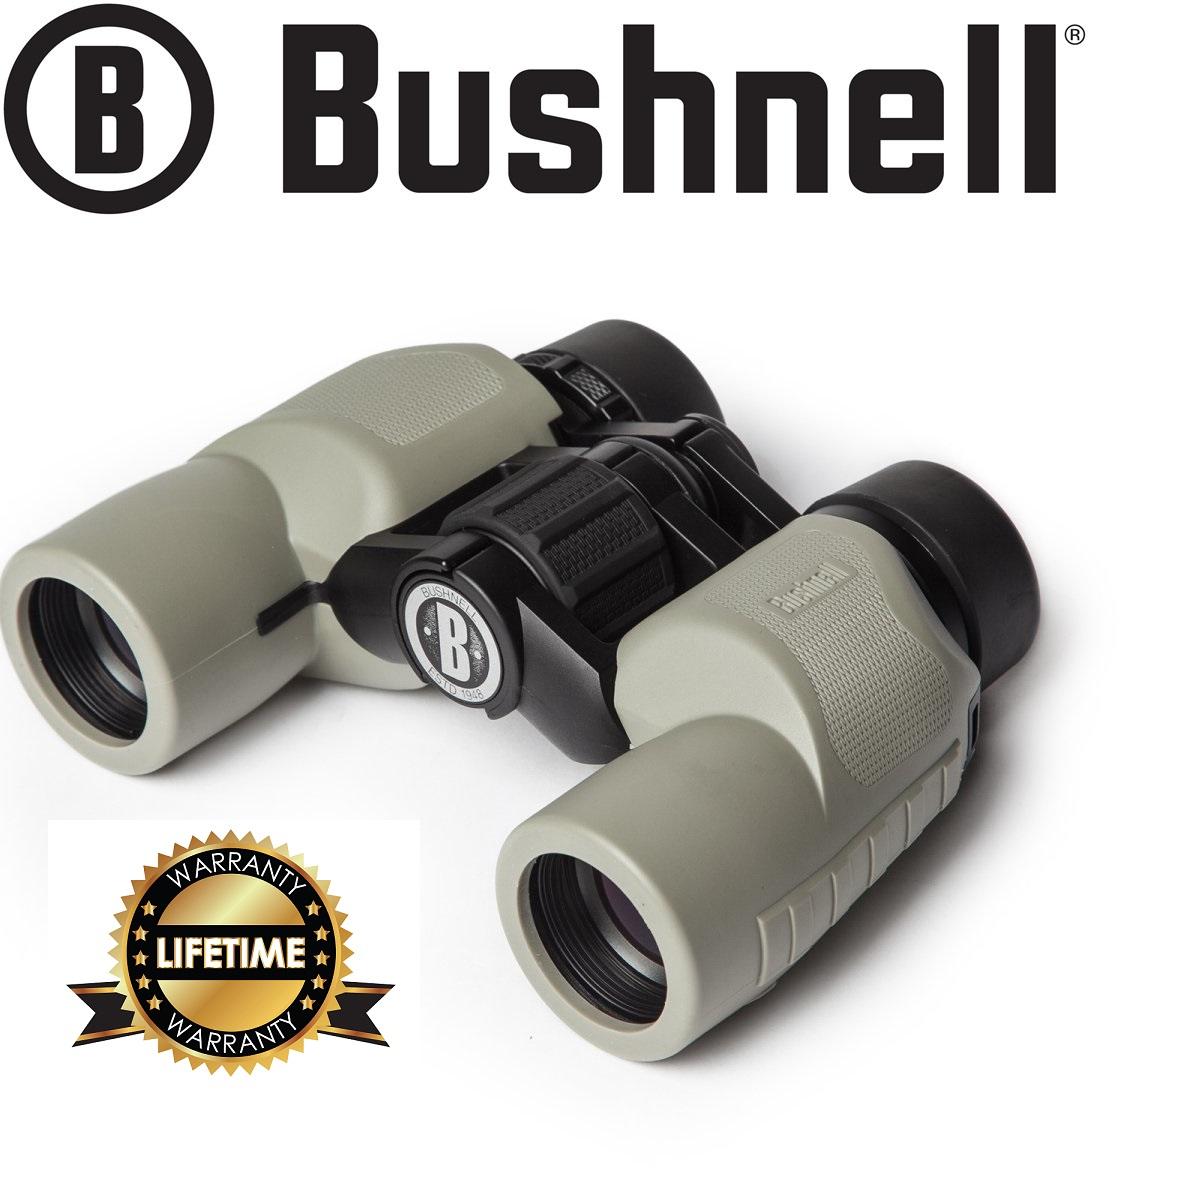 Binoculars deals uk